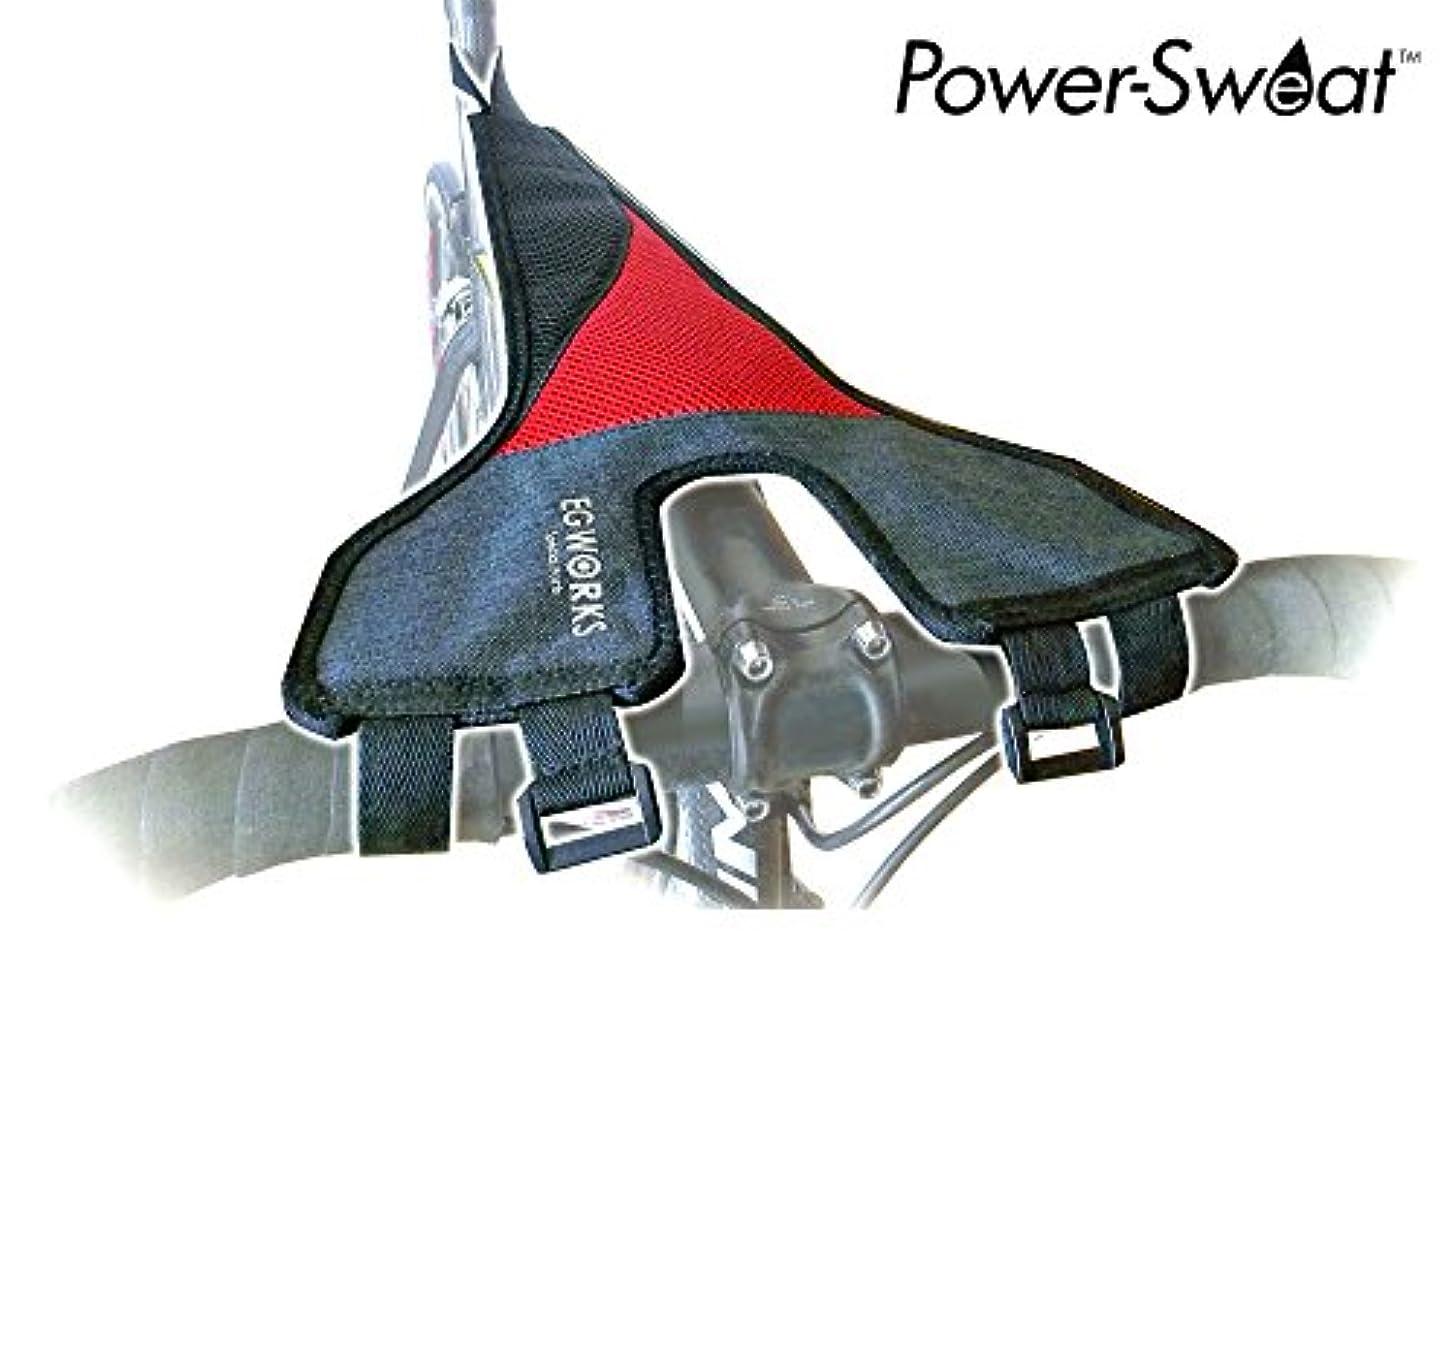 紫のいたずらな姪イージーワークス(EGWORKS) Power-Sweat ローラー台?サイクルトレーナー用 汗受けネット パワースウェット TRA-PS1-00